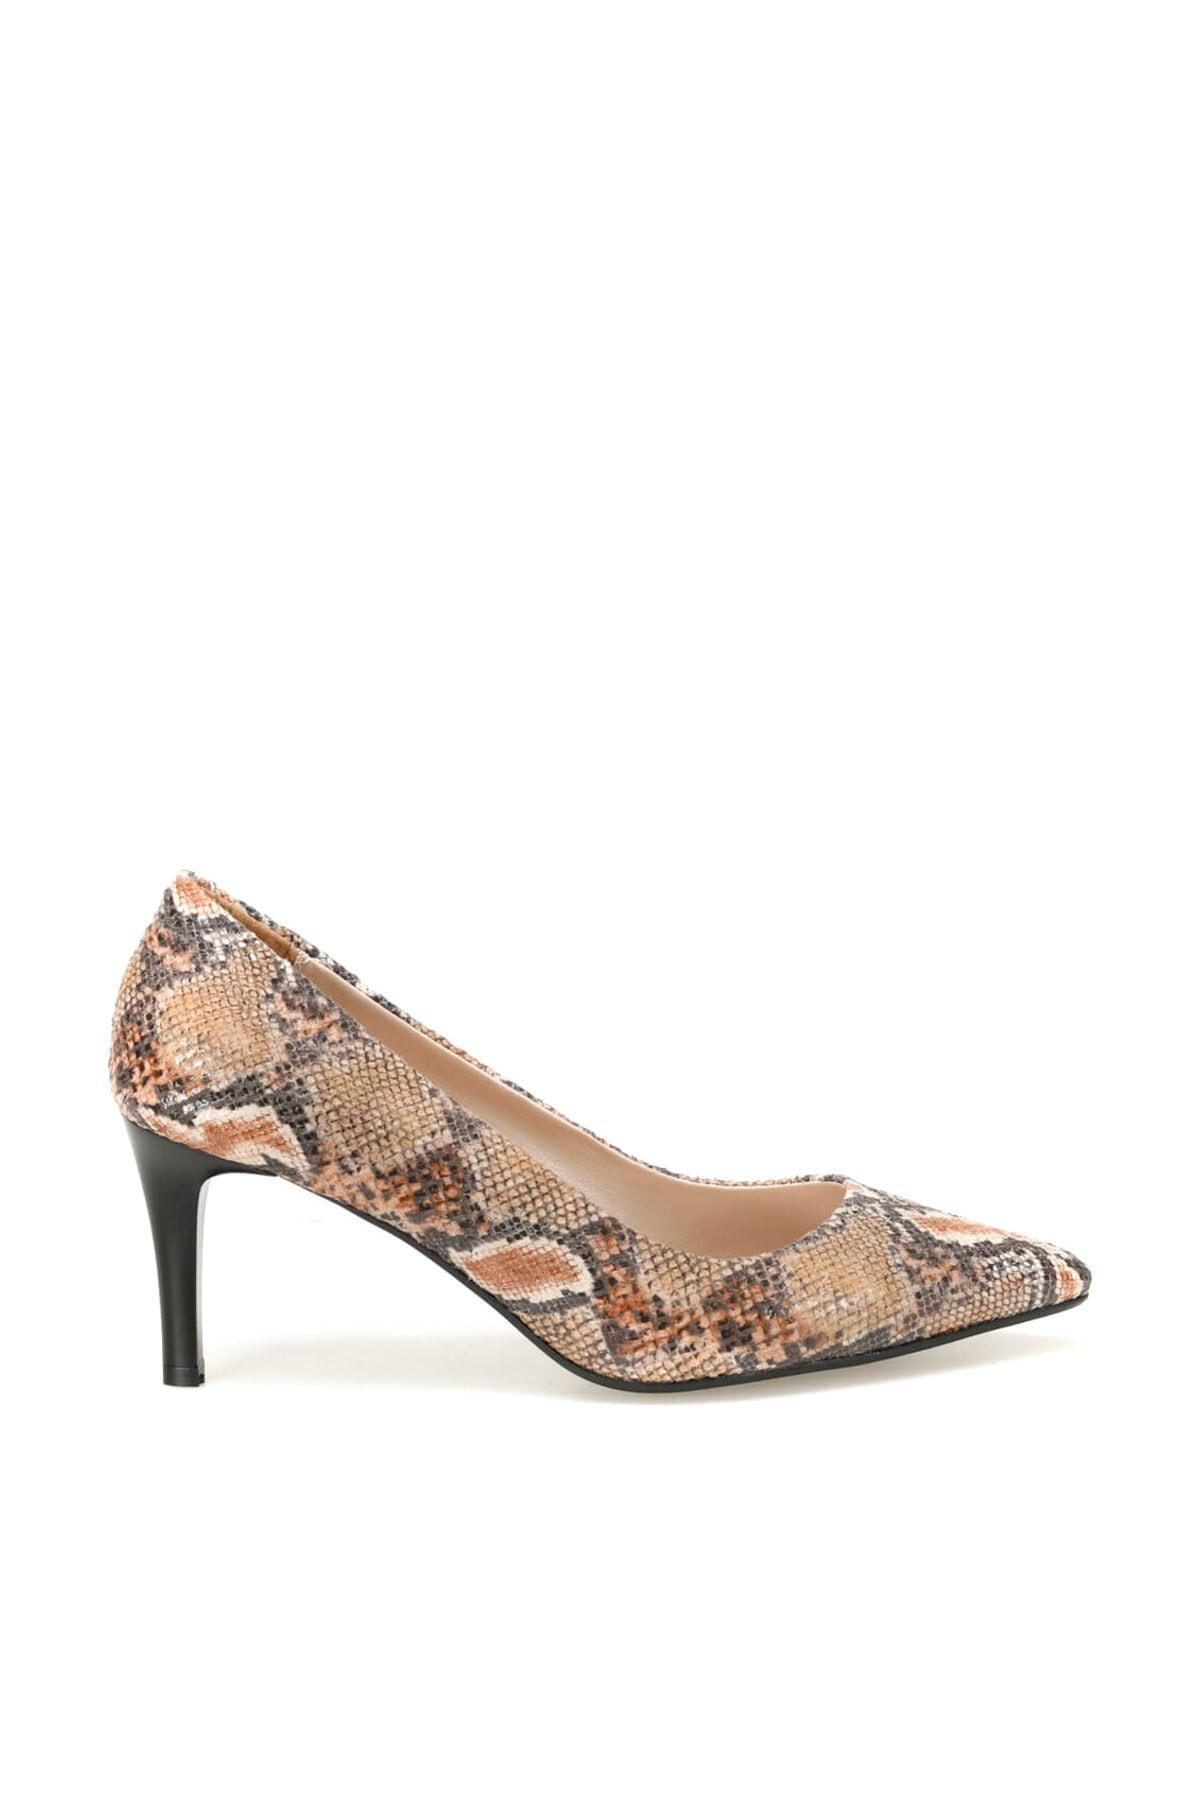 Miss F DW19002 Yılan Rengi Kadın Topuklu Ayakkabı 100439645 2